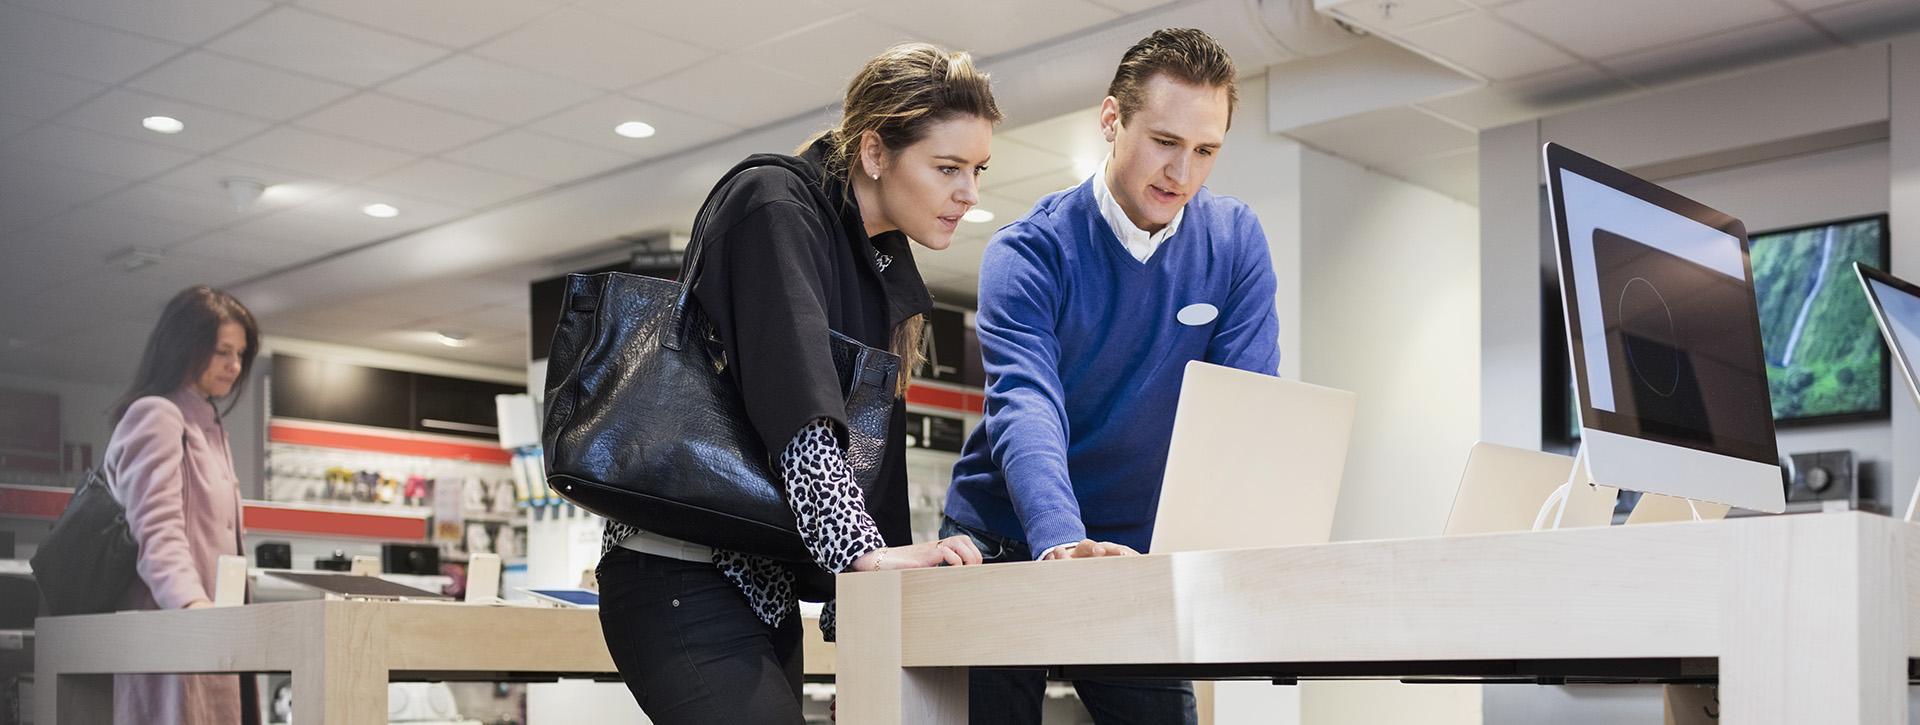 Nainen ja mies katsovat yhdessä tietokonetta aulatiloissa.